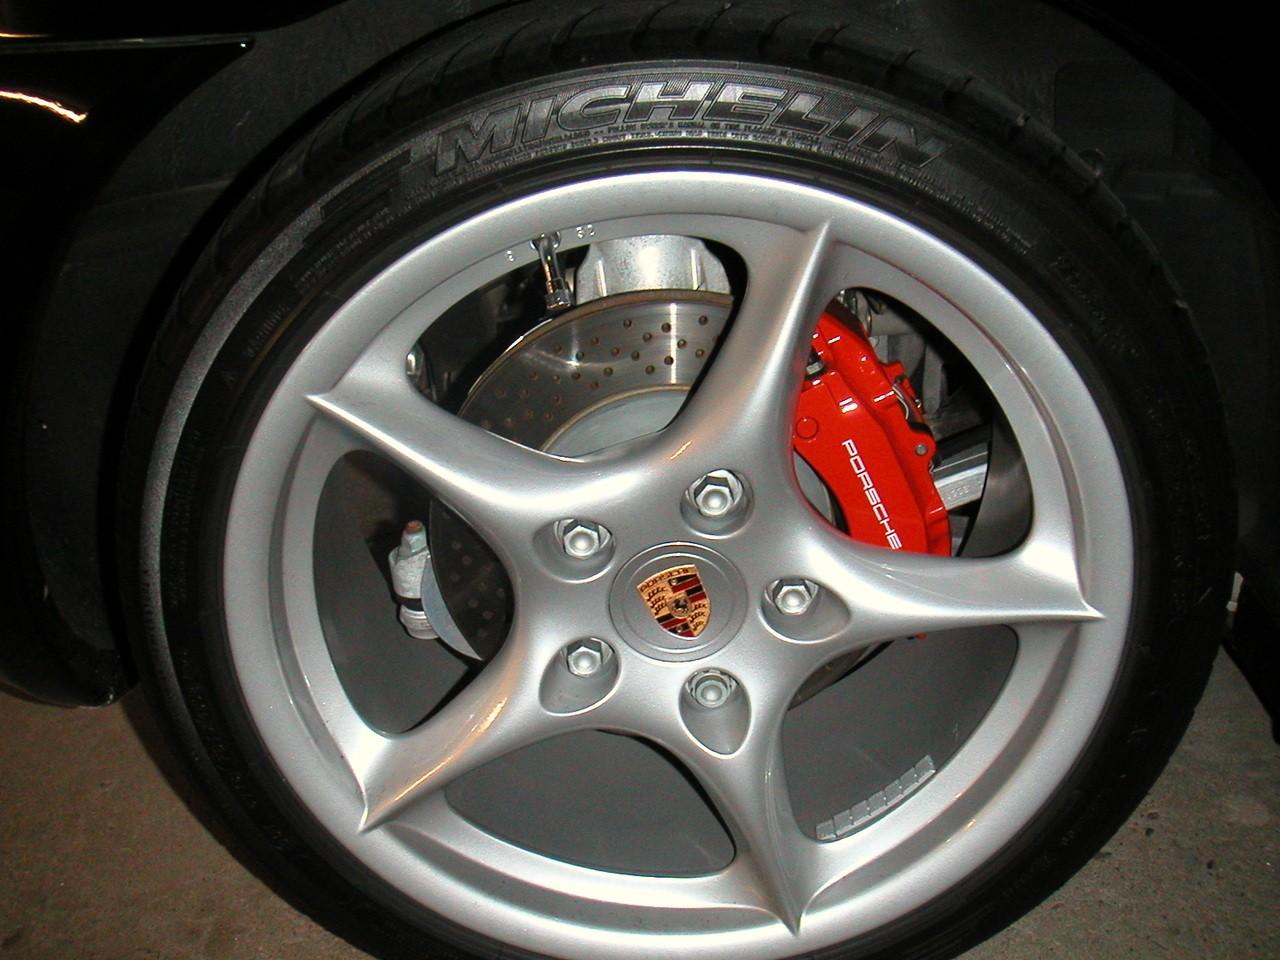 Przed zakupem samochodu sprawdzajmy cenę części samochodowych